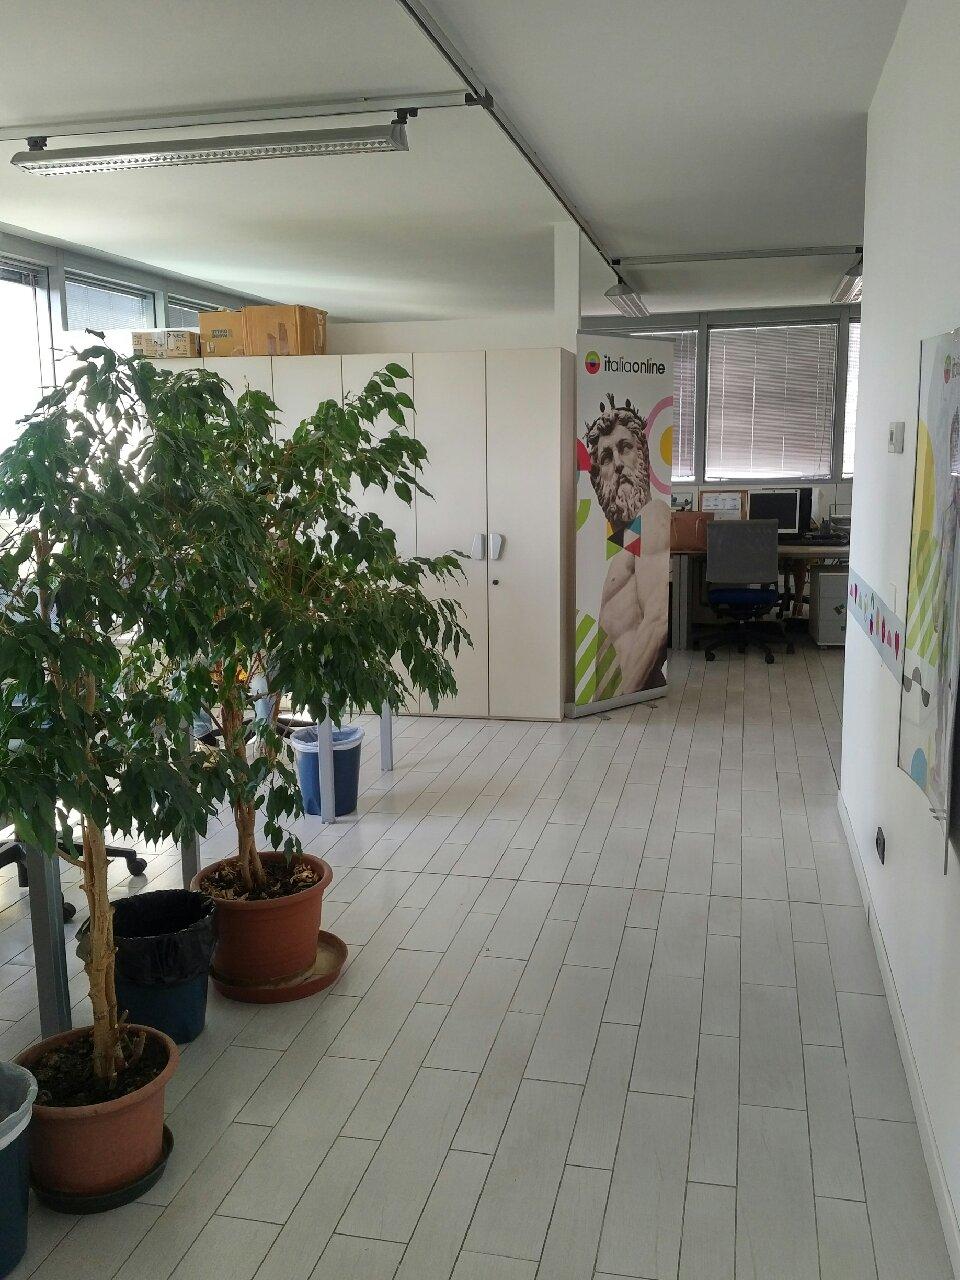 IOL Brescia interni